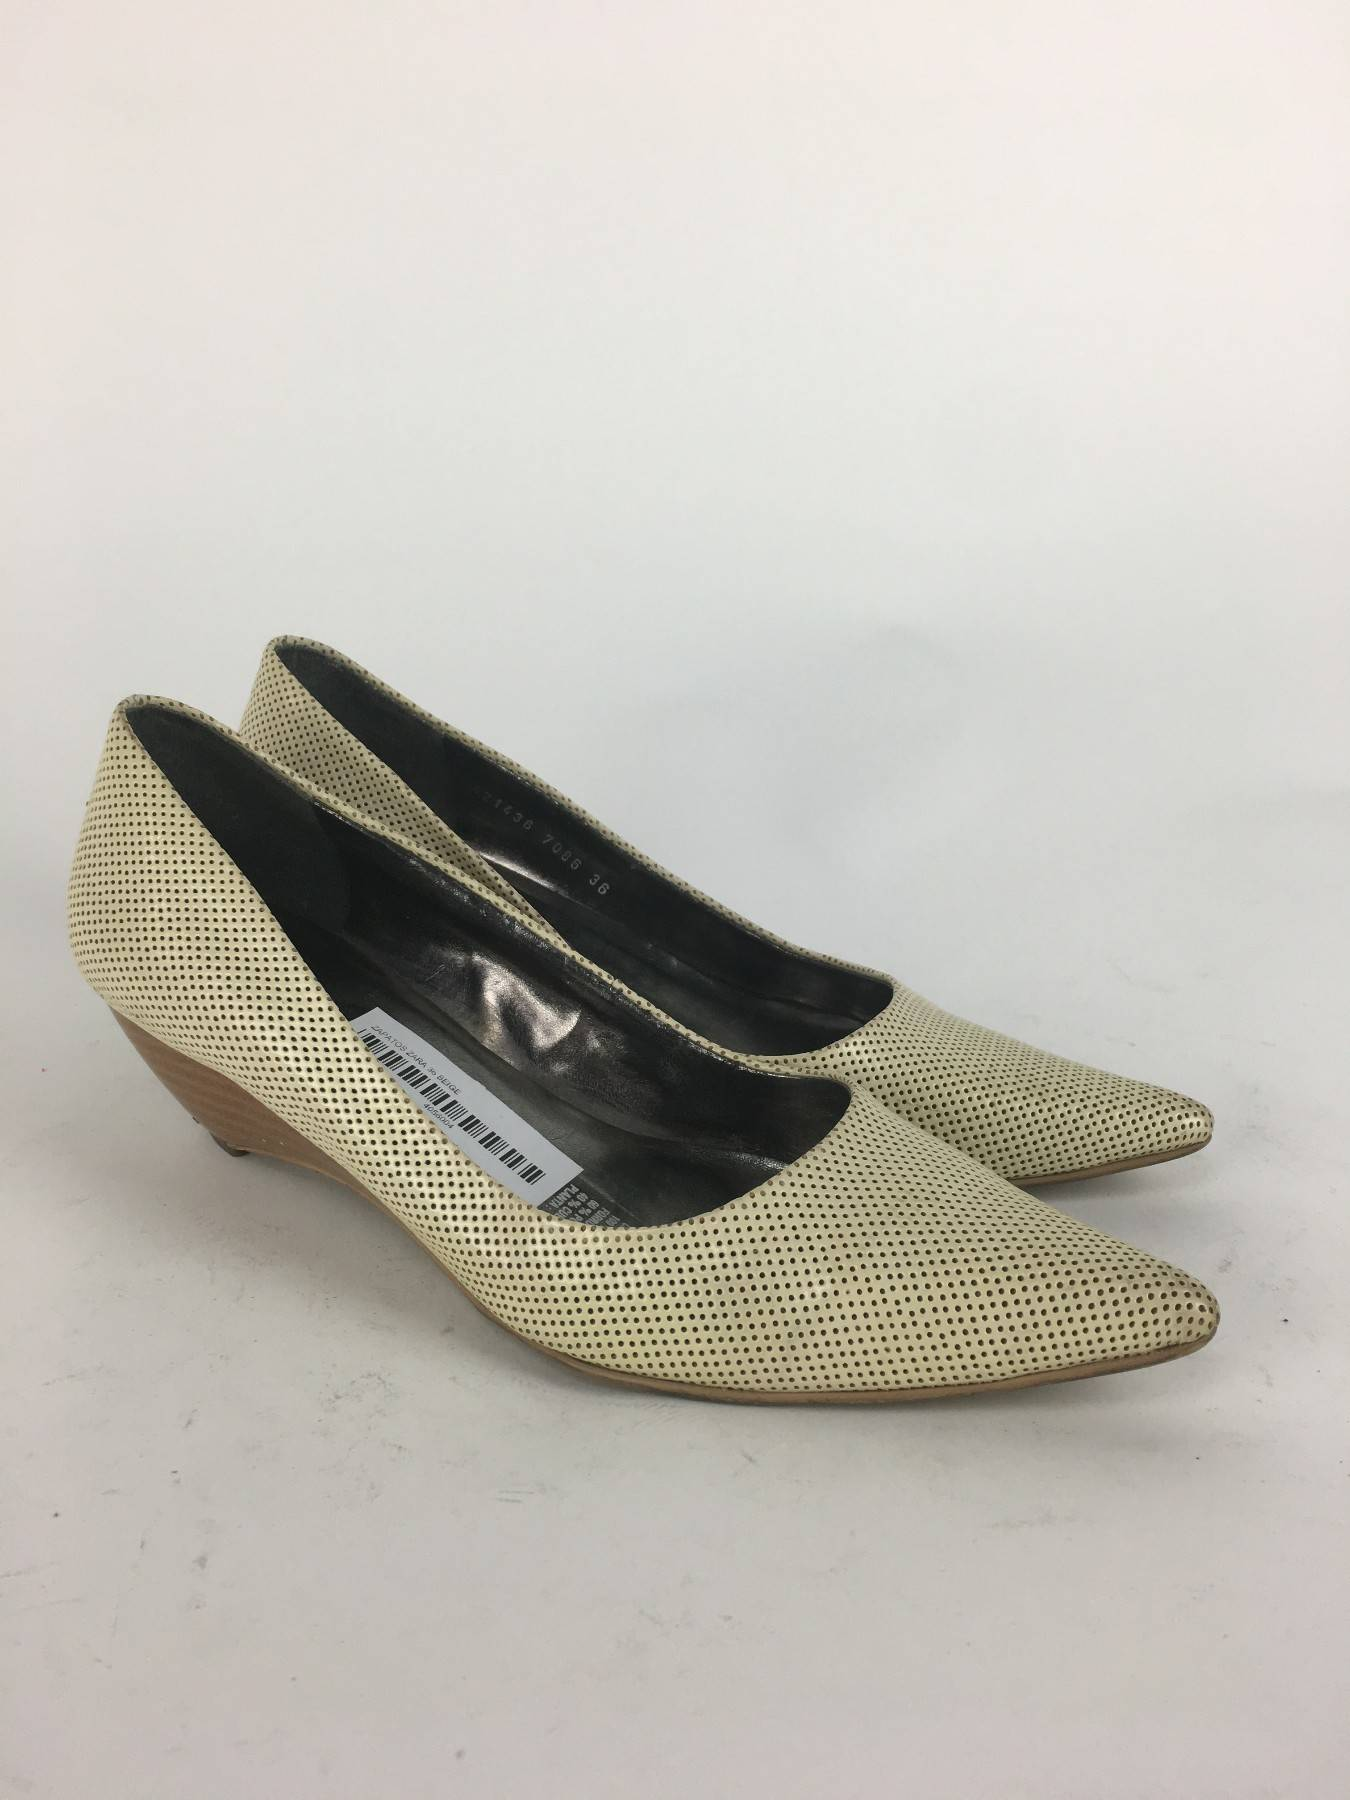 6e8c9fb6 Y Zara 2019 Zapatos zapatos De Modelos Precios Moda Mujer tawUU